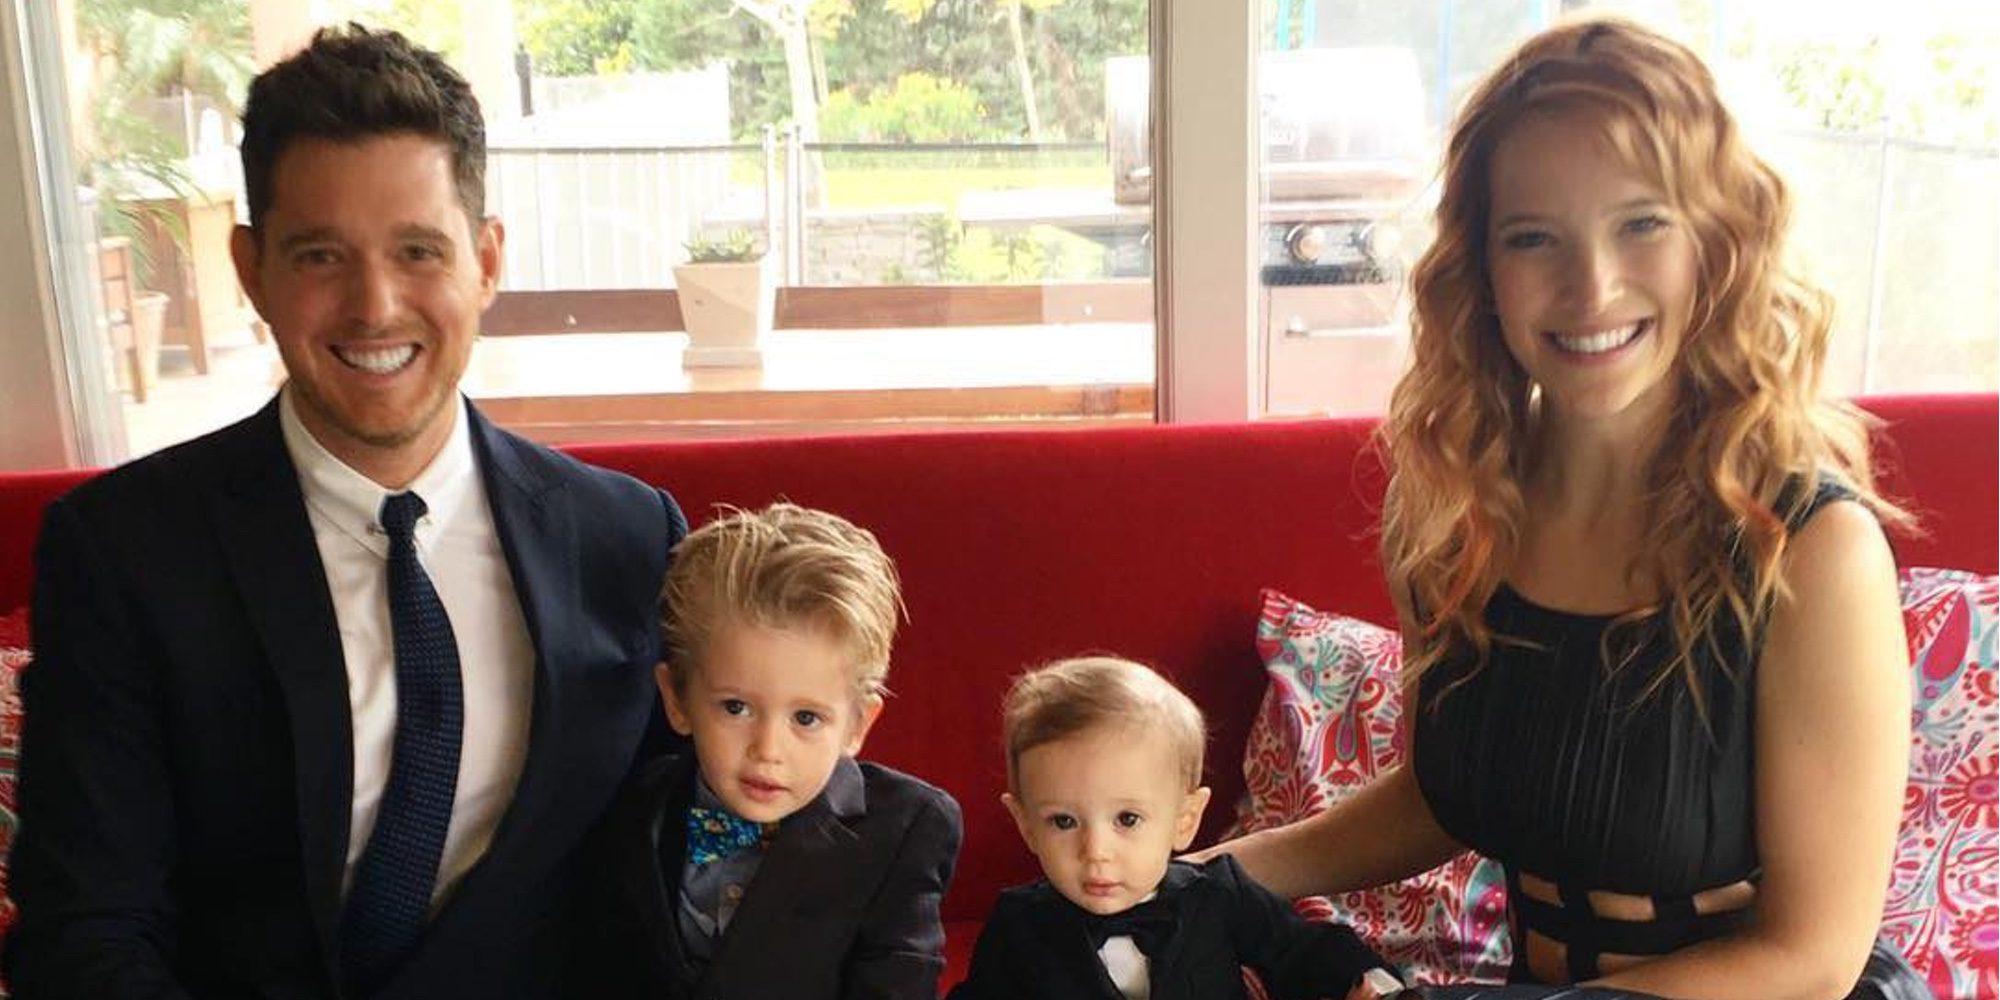 Noah, hijo de Michael Bublé y Luisana Lopilato, supera la primera fase del tratamiento contra el cáncer